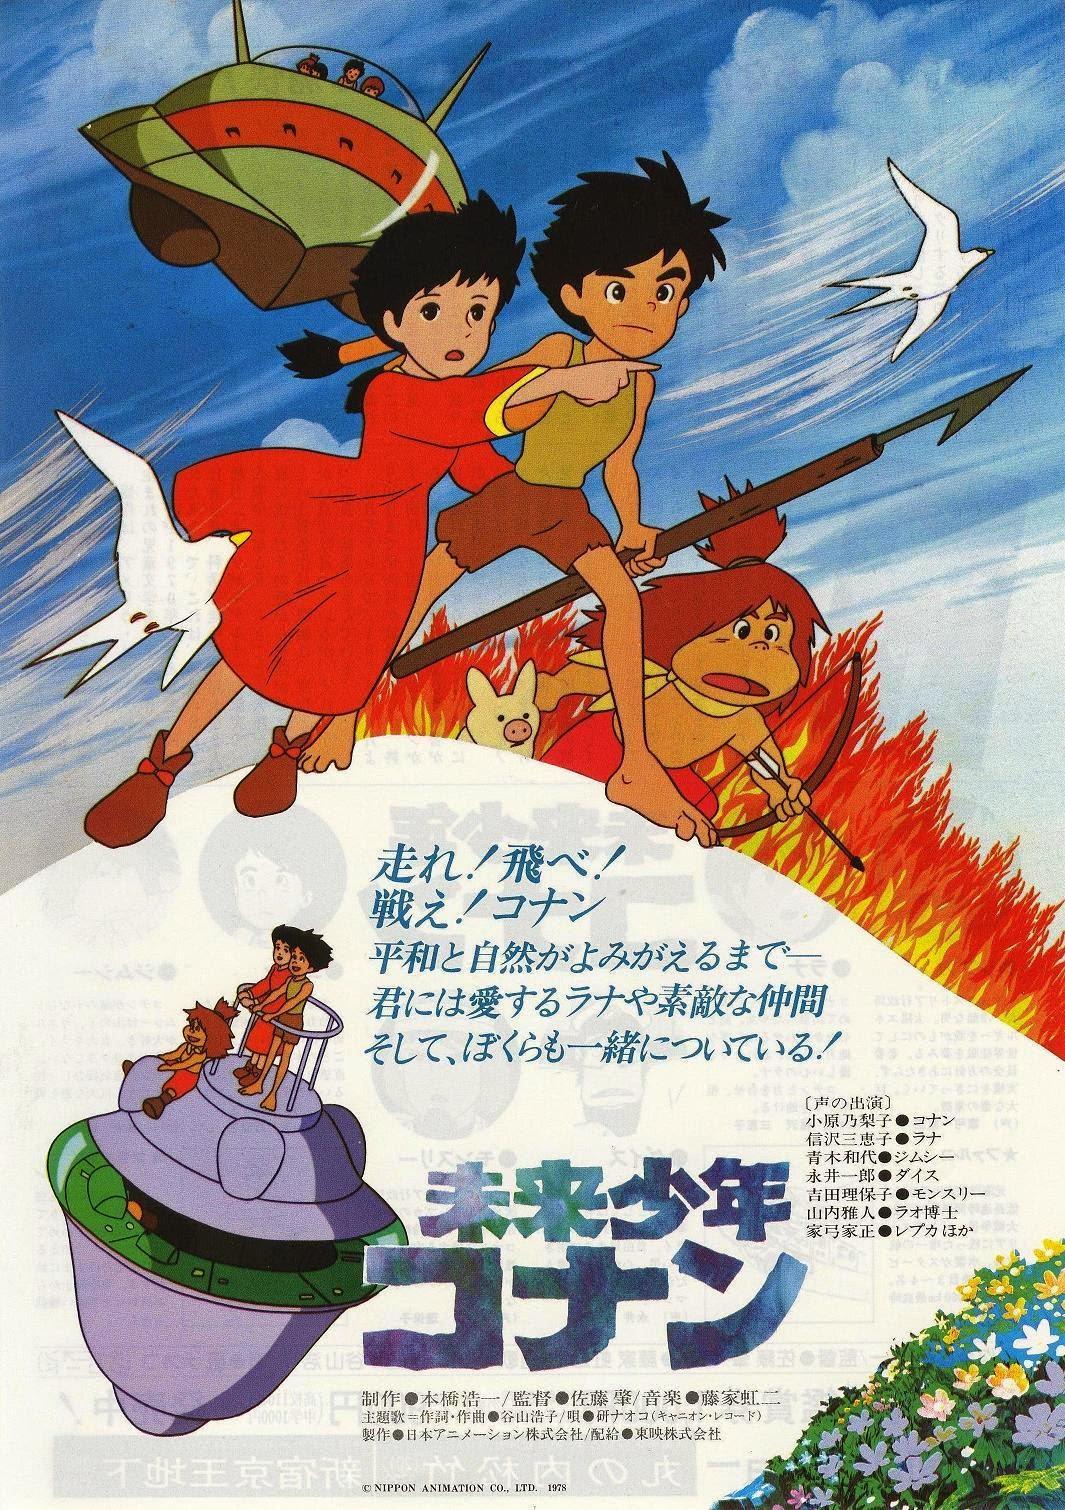 Gli anime di miyazaki prima dello studio ghibli l antro